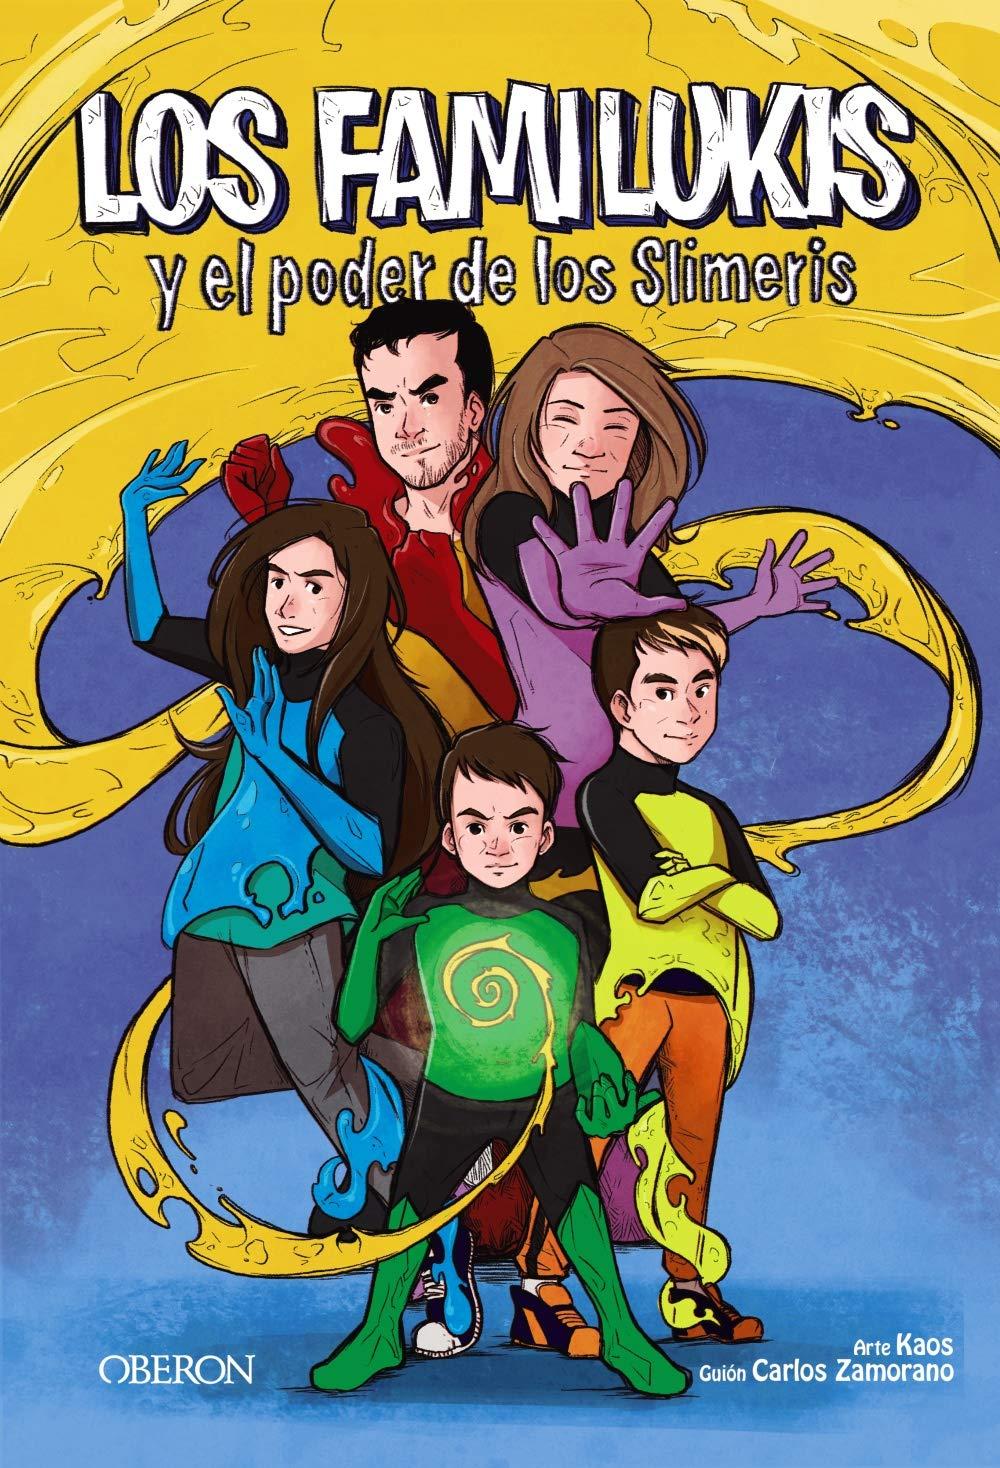 Los Familukis y el poder de los Slimeris Libros singulares: Amazon.es: Zamorano Rodríguez, Carlos: Libros